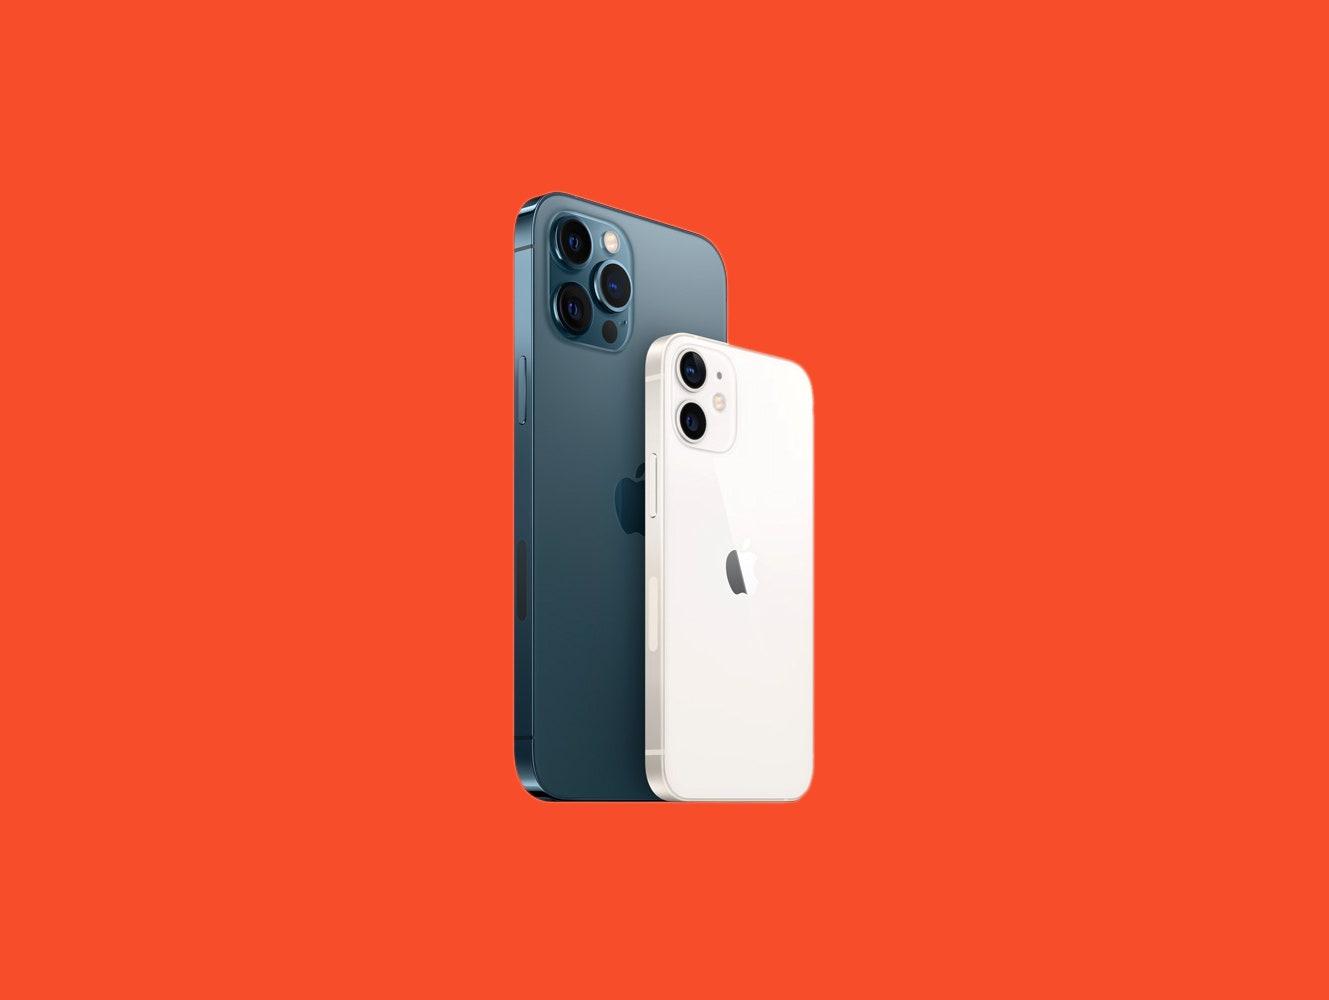 £upsik, iPhone 12 ledwo wyszed³, a ju¿ ma problemy z wy¶wietlaczem